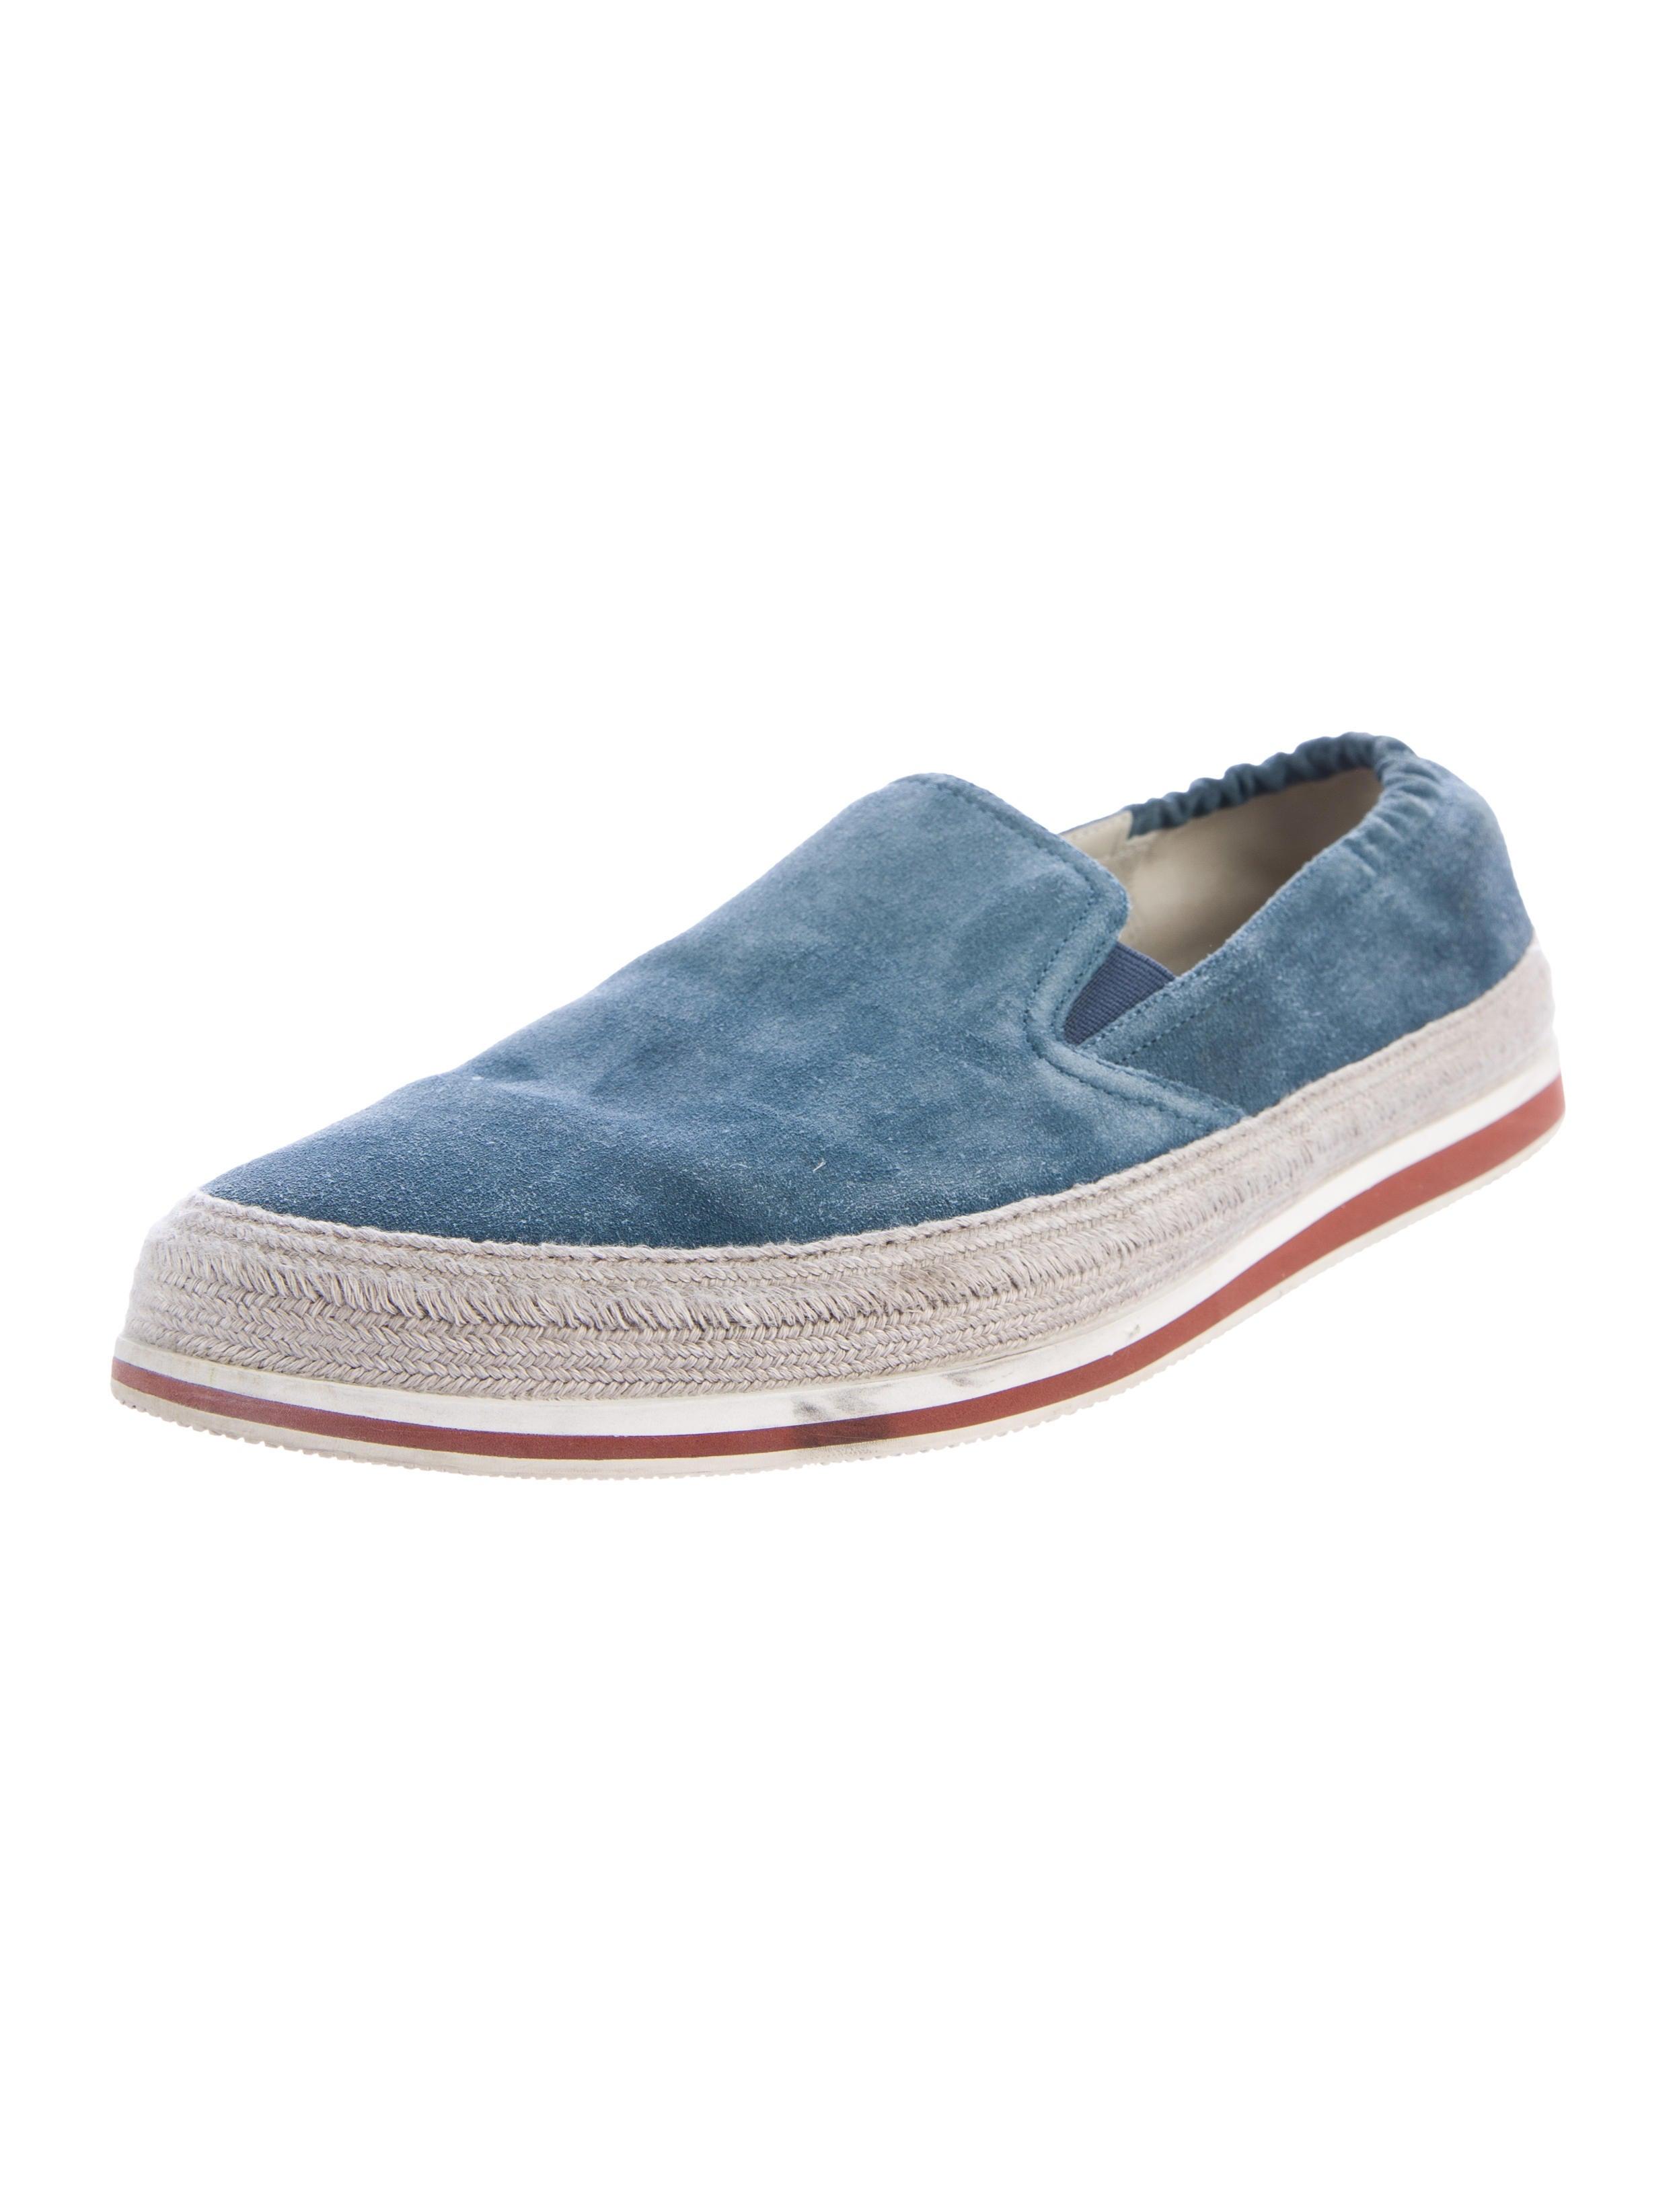 prada sport suede slip on sneakers shoes wpr40054